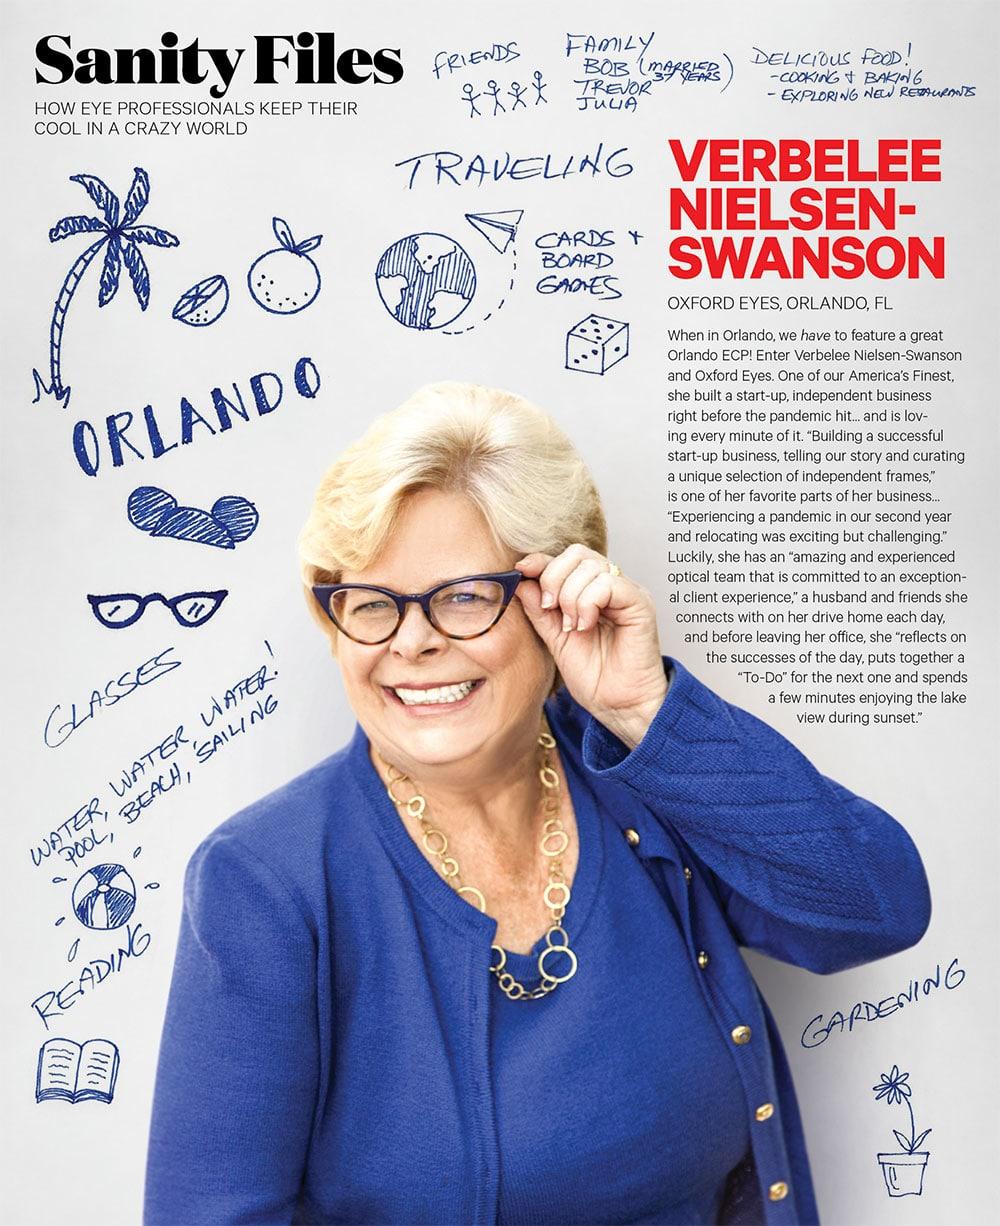 Verbelee-Nielsen-Swanson